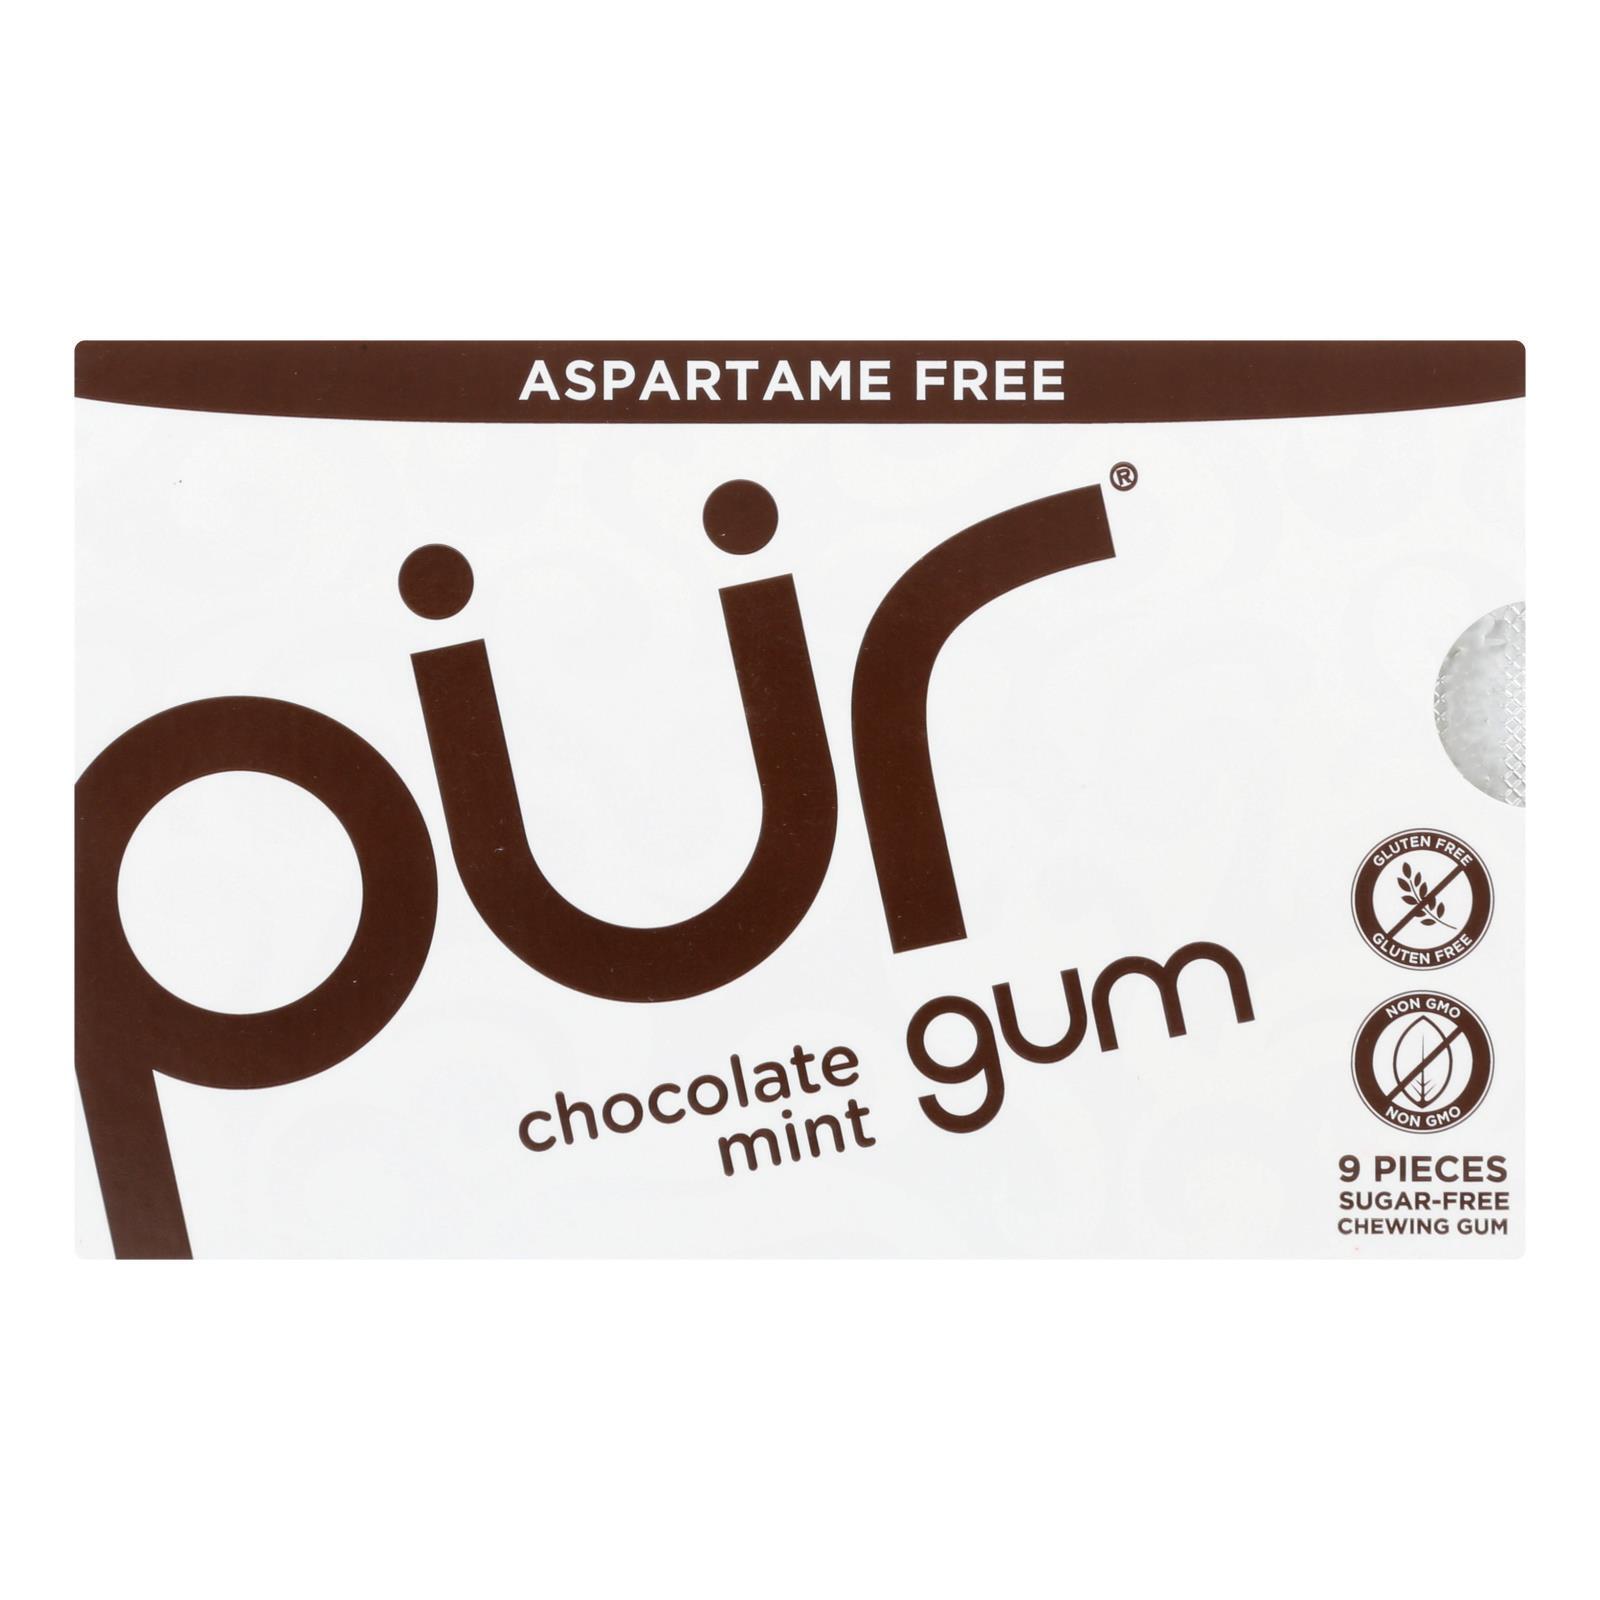 Pur Gum Gum - Chocolate Mint - Case of 12 - 9 count